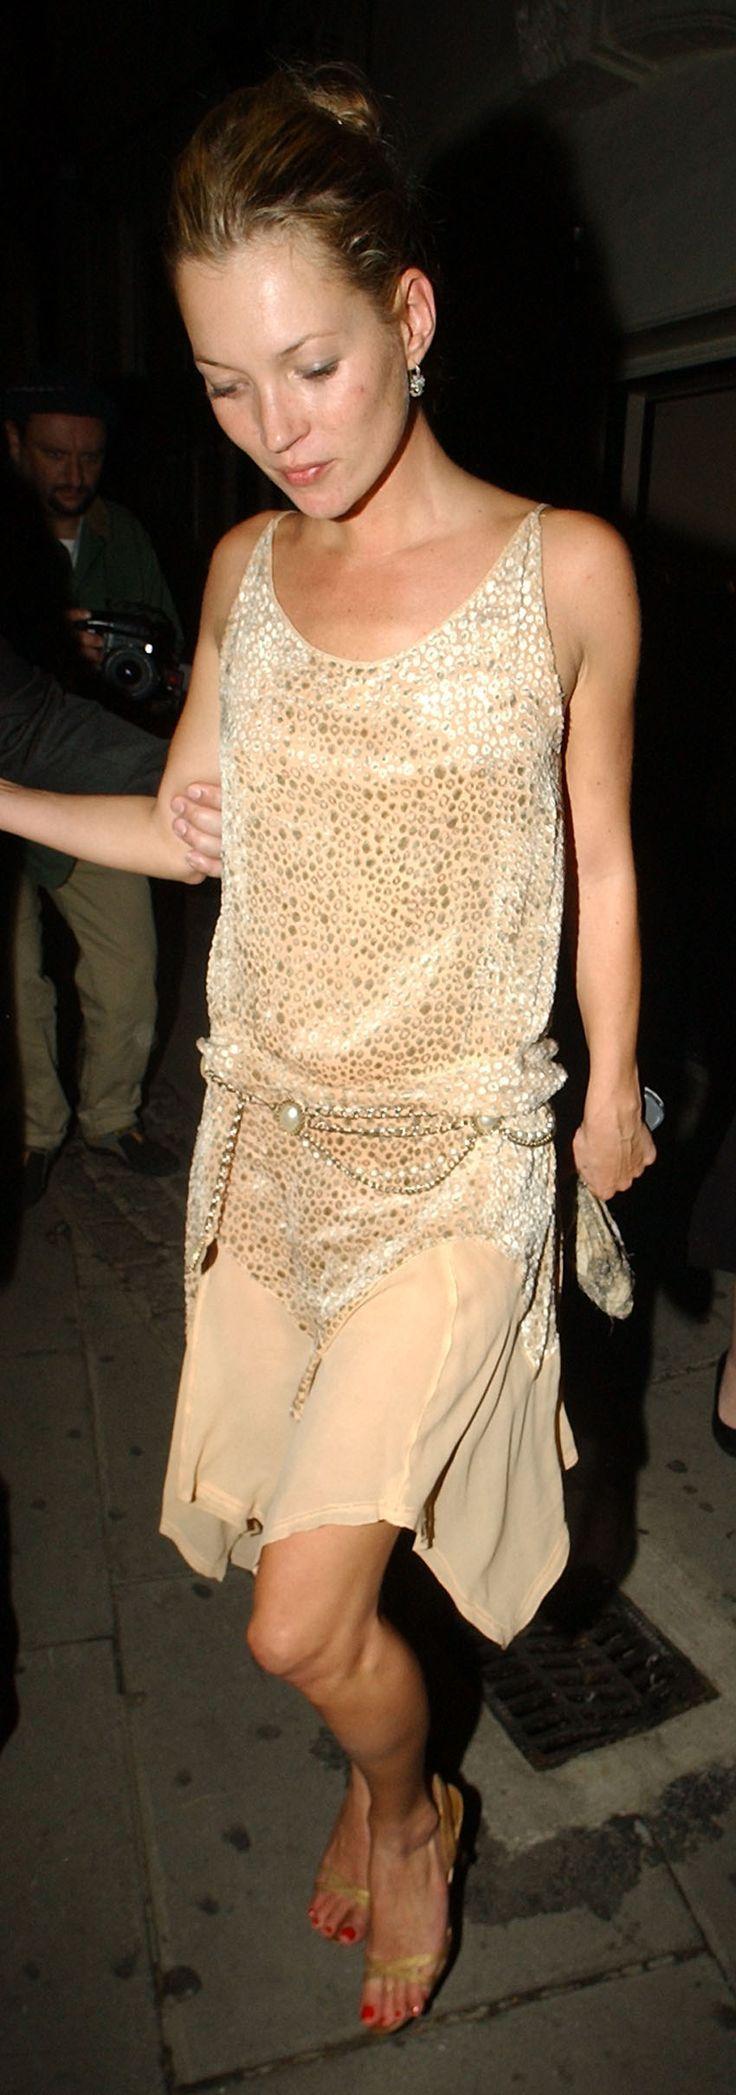 Kate Moss's Best Street Style Moments - HarpersBAZAAR.com